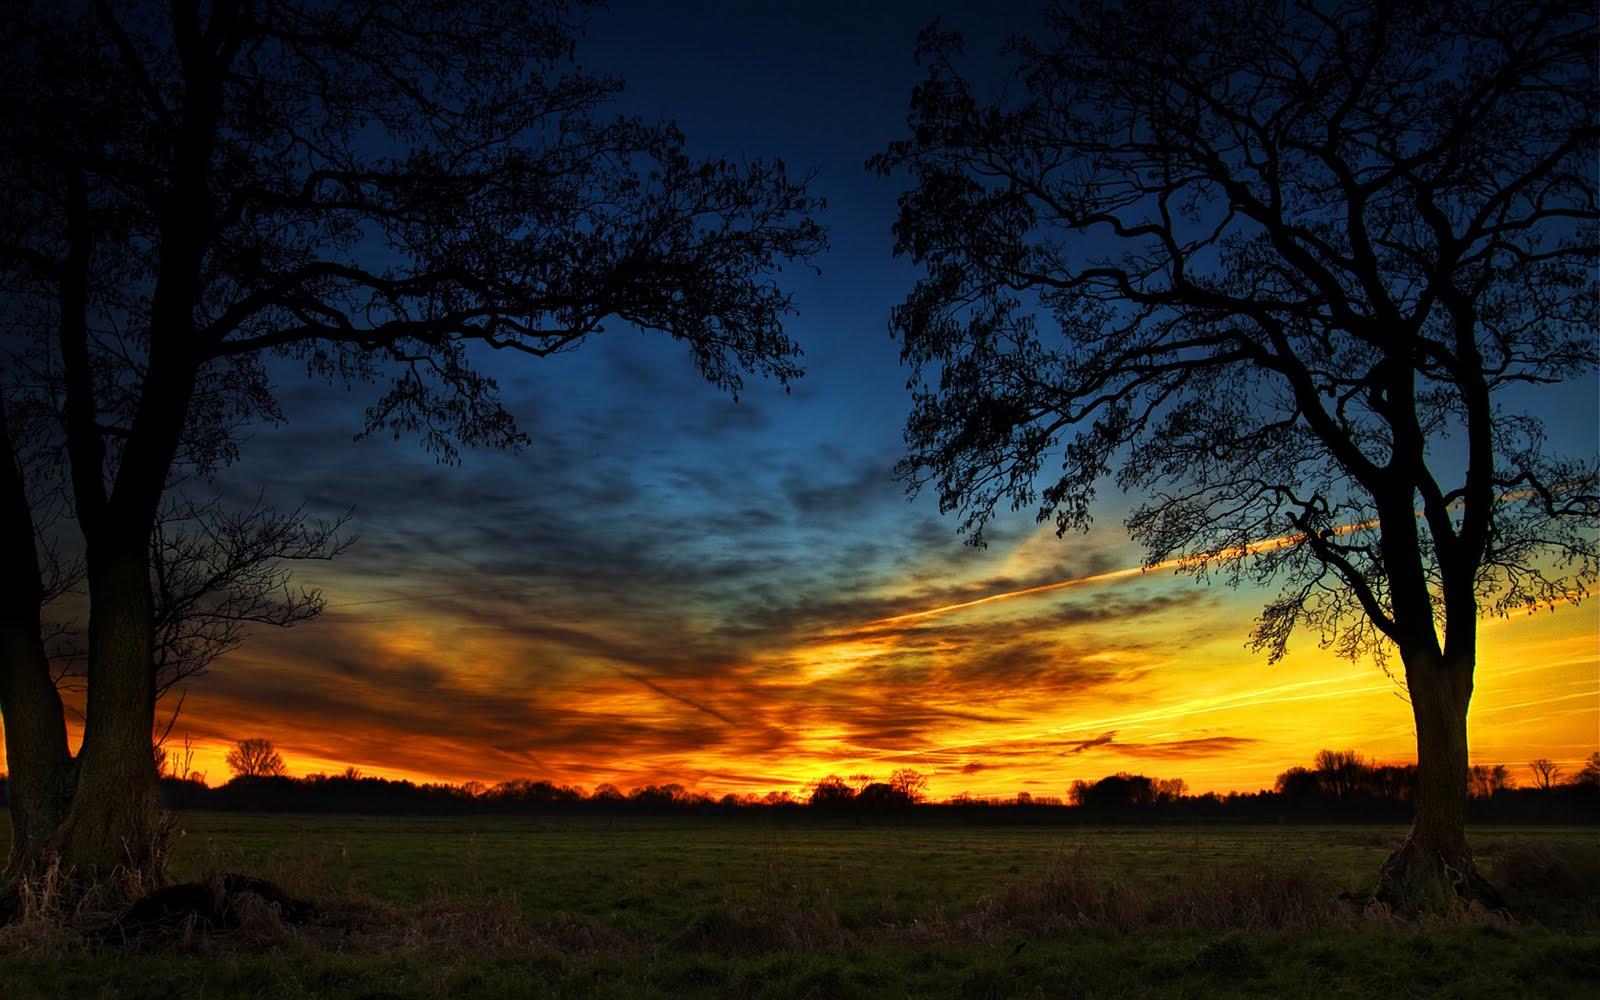 http://3.bp.blogspot.com/-OEANkevGvg0/TjYSjyoTlkI/AAAAAAAAK3E/Y_UZobiXsWo/s1600/614_fire_on_the_sky_wallpaper_279902.jpeg